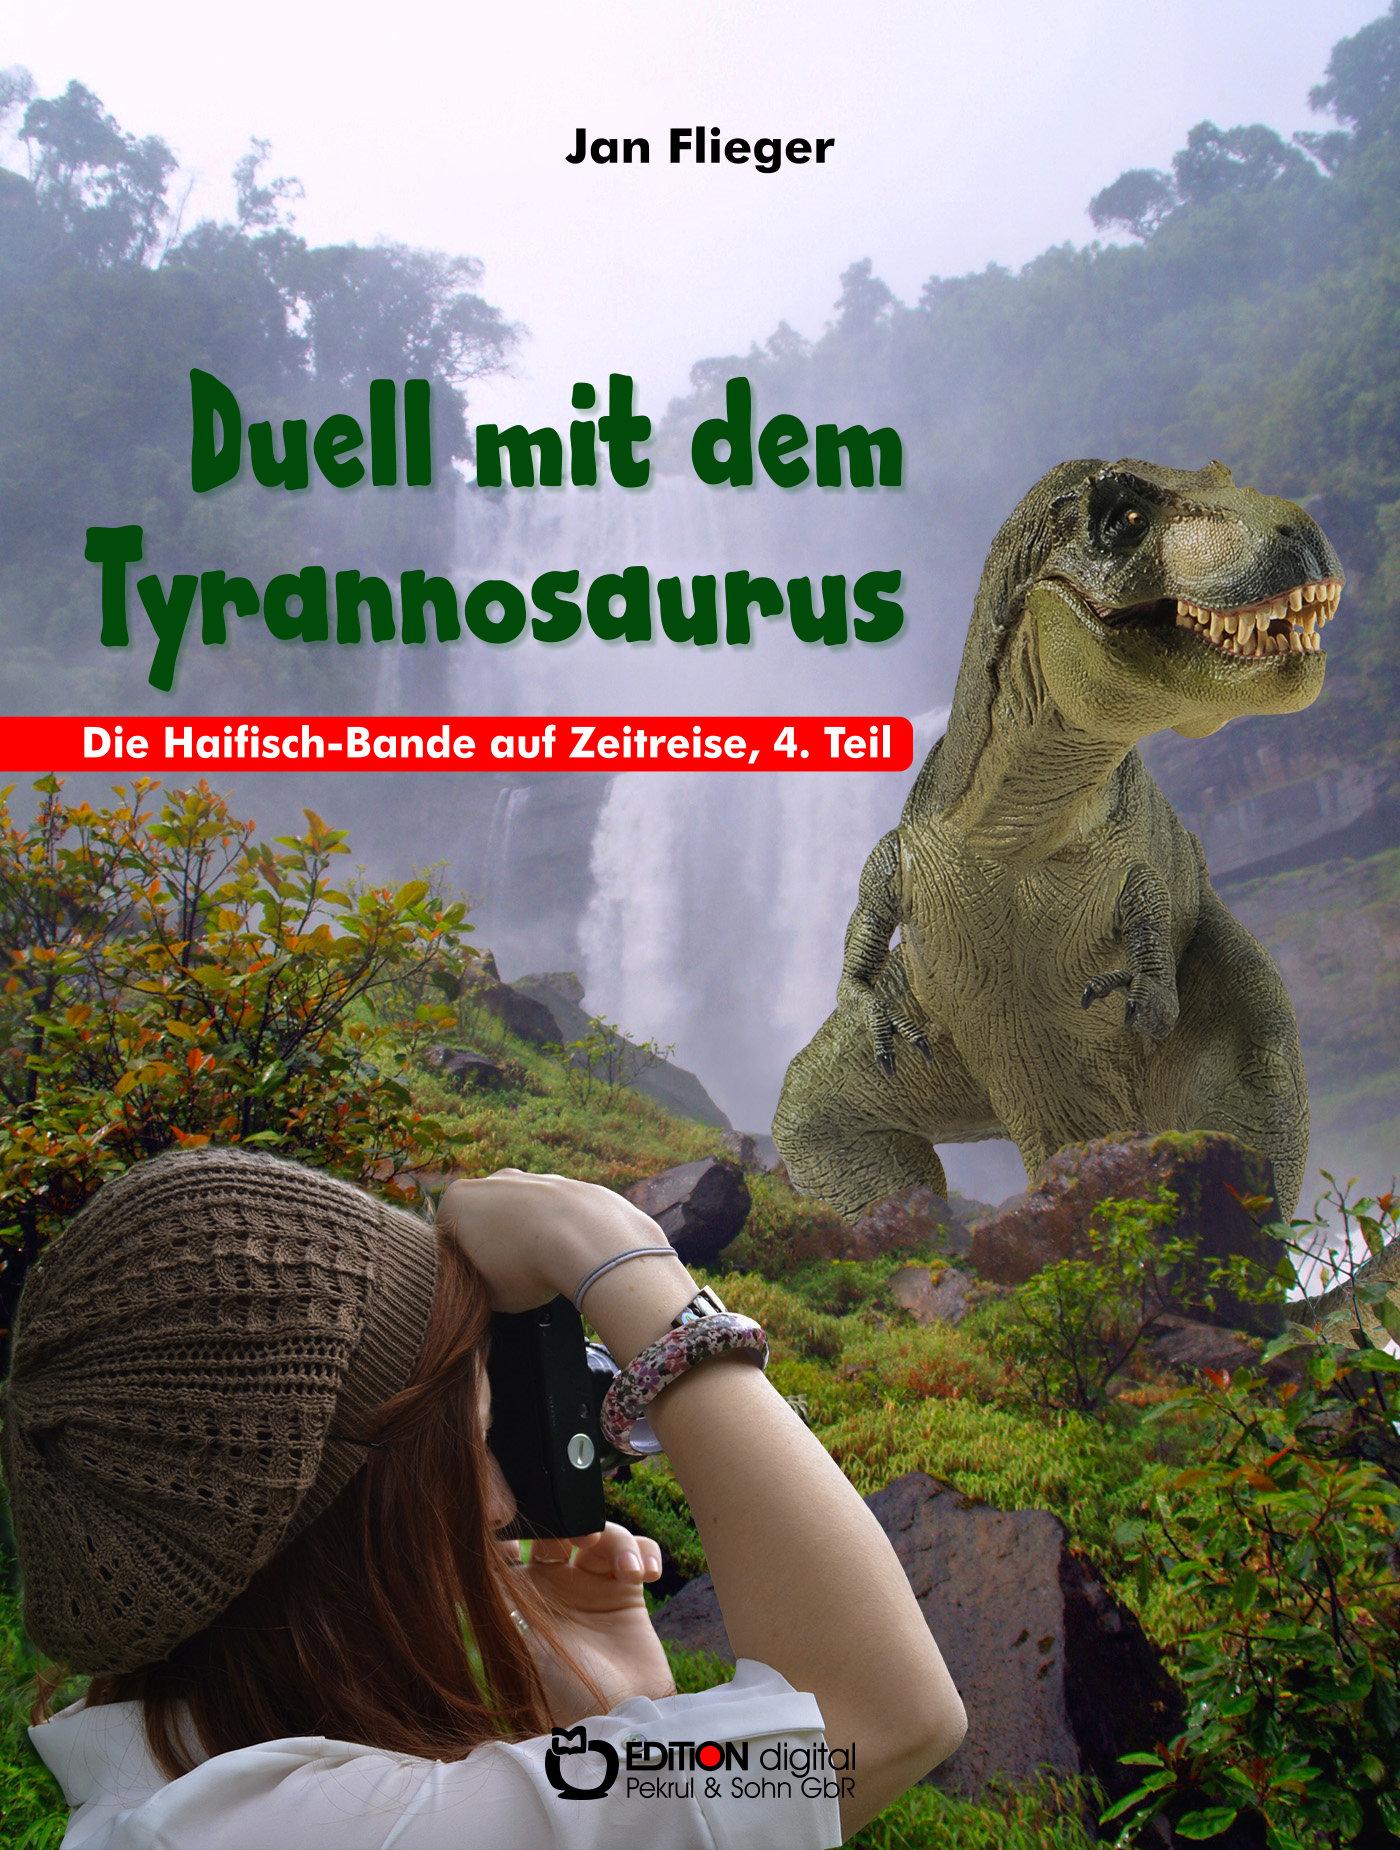 Duell mit dem Tyrannosaurus. Die Haifisch-Bande auf Zeitreisen, 4. Teil von Jan Flieger